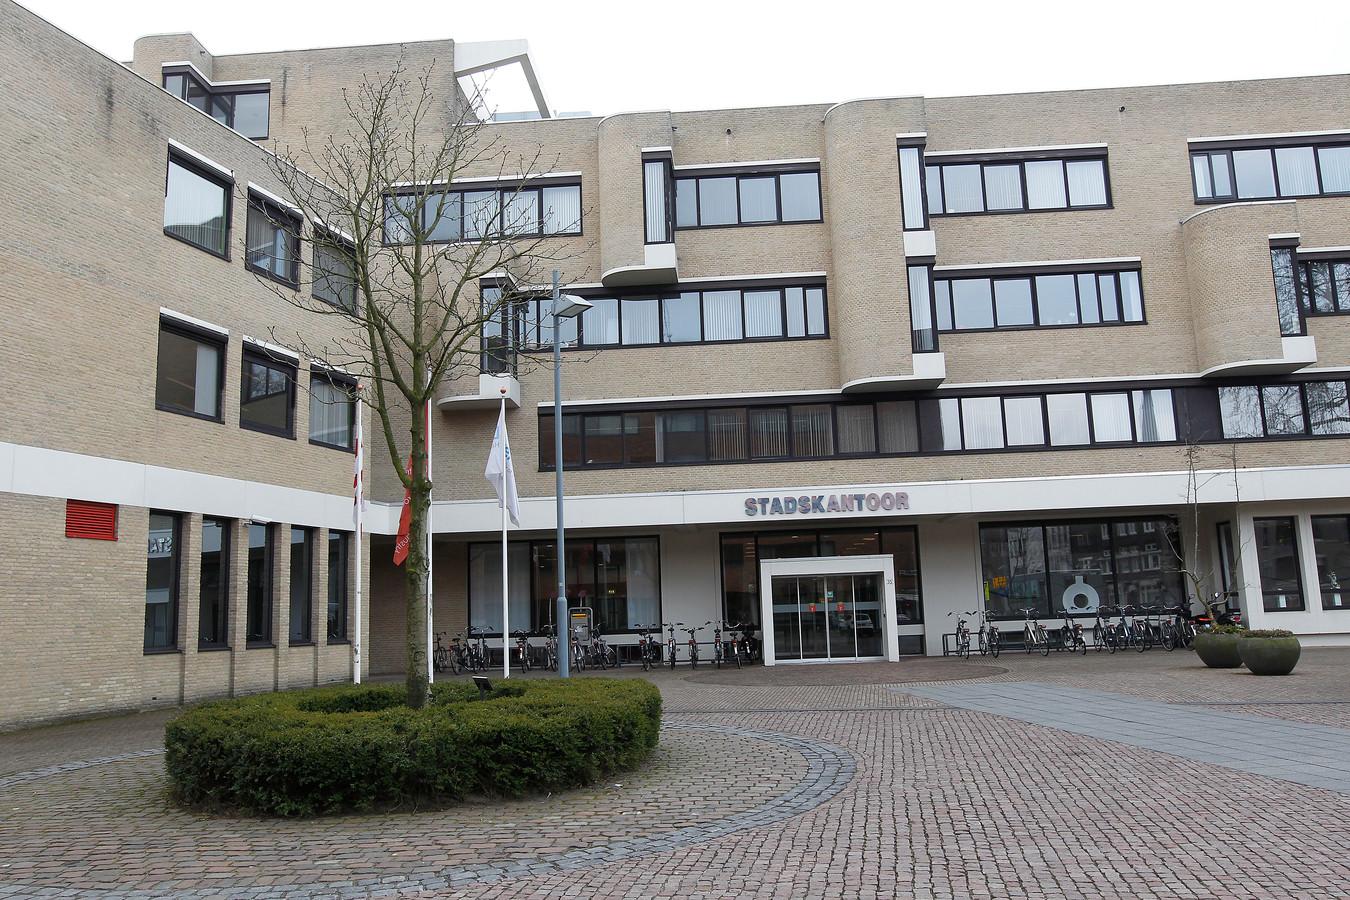 Het Stadskantoor in Helmond, dat in de recente plannen voor een nieuw 'Huis van de Stad' zou worden gesloopt en vervangen door nieuwbouw.